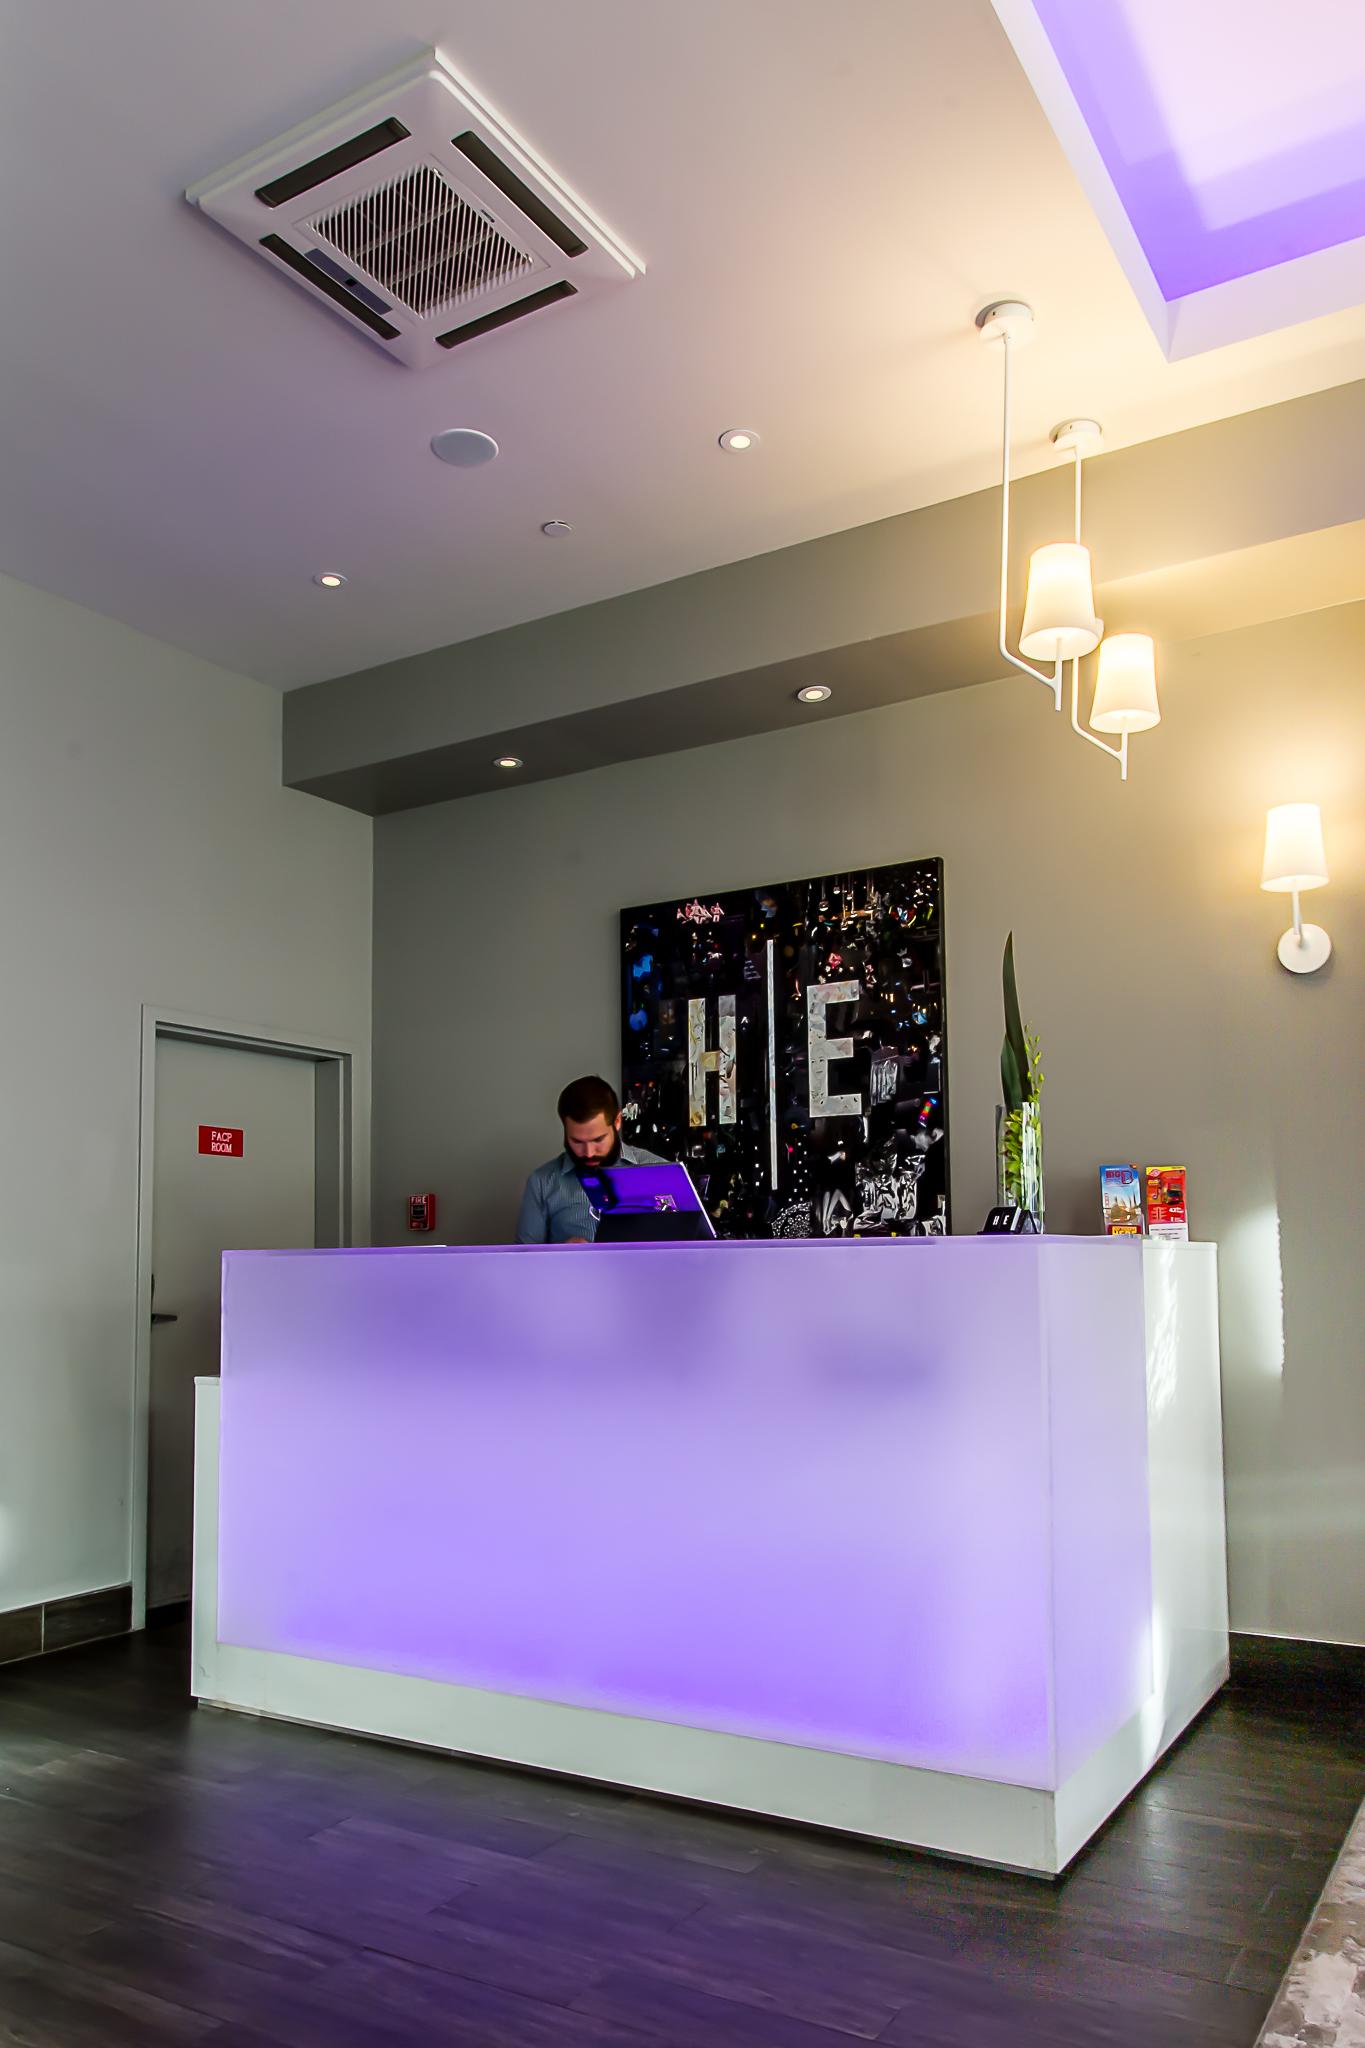 Dscheme_Hotel_Epik_051-HDR.jpg